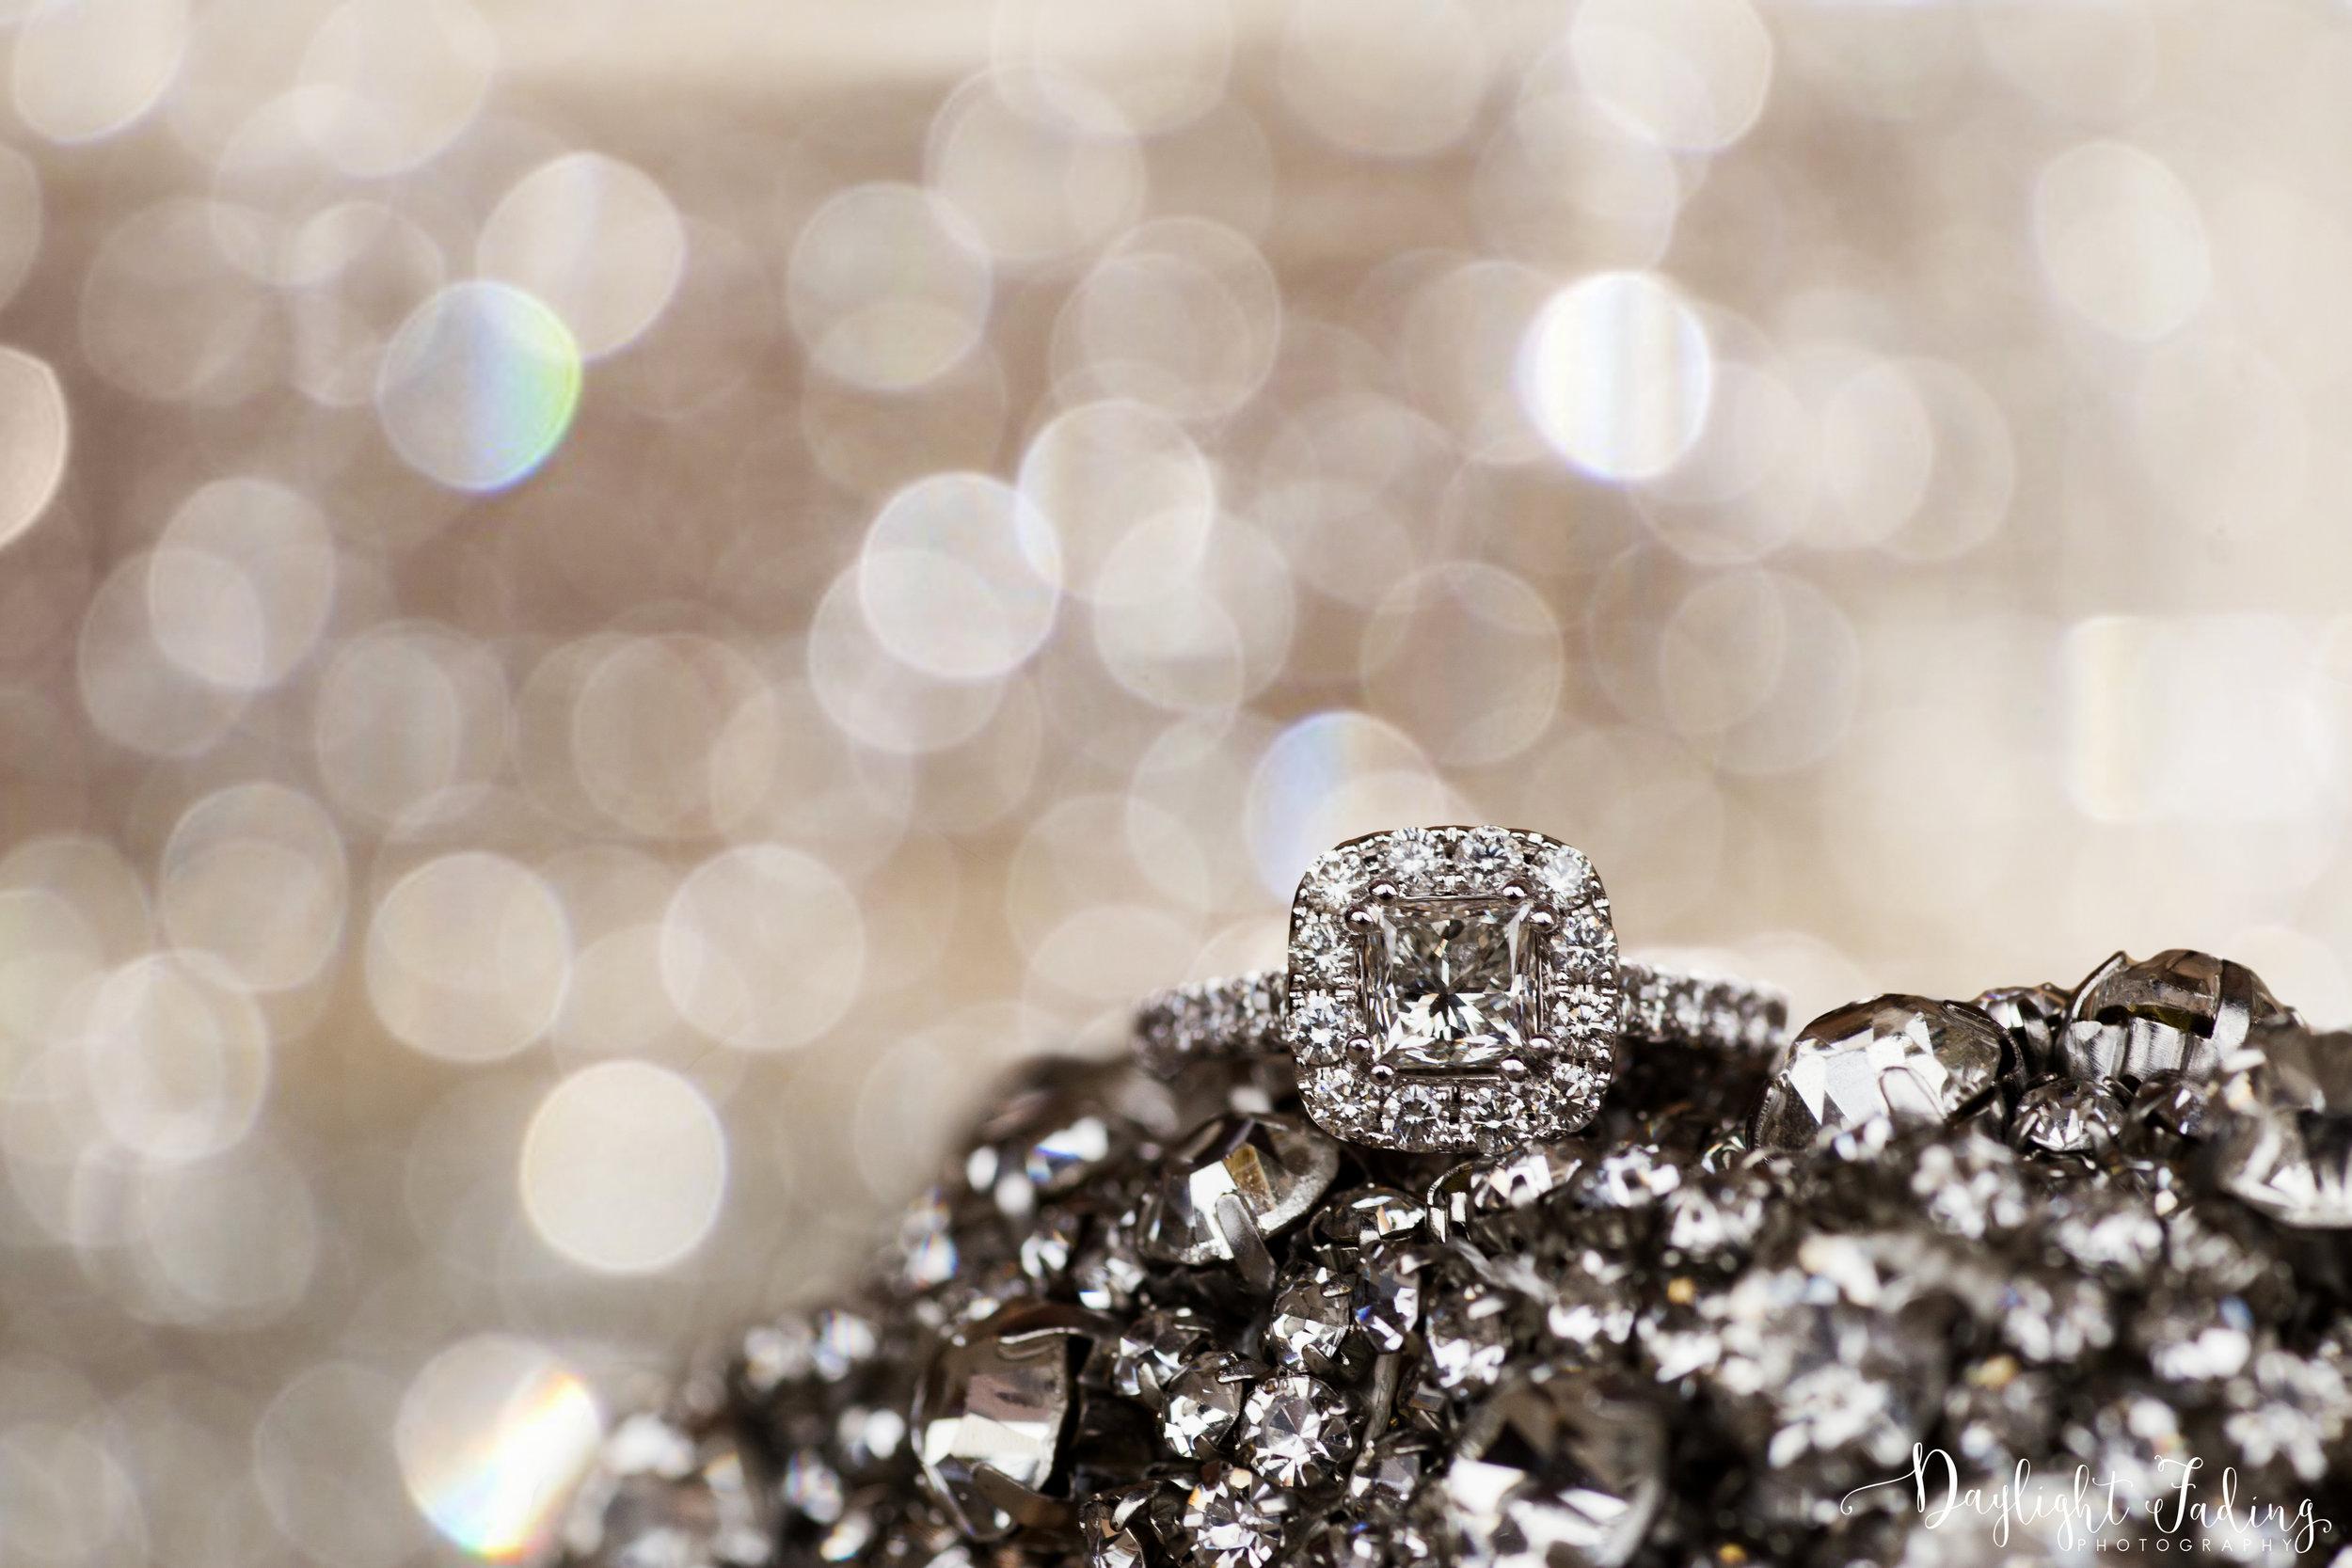 Engagement Ring Photography in Shreveport, Louisiana - daylightfadingphotography.com